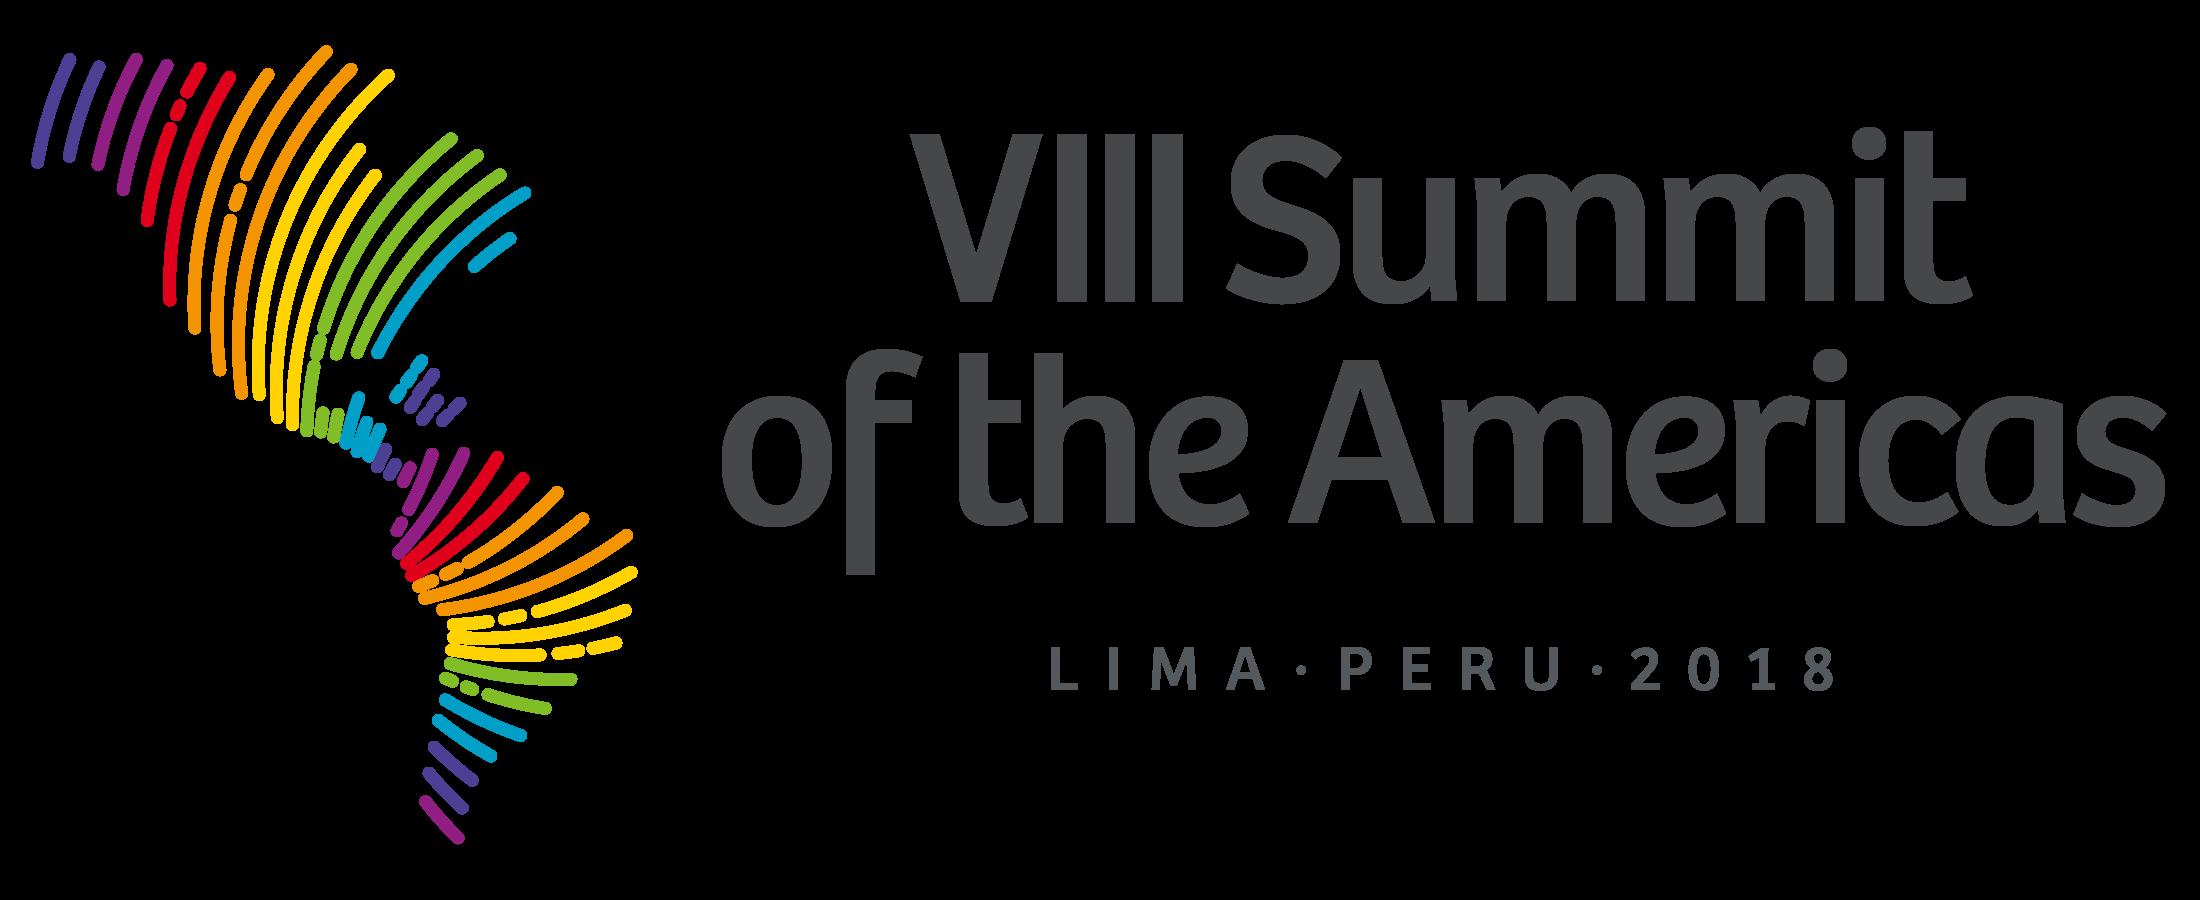 VIII Summit delle Americhe: premesse - GEOPOLITICA.info